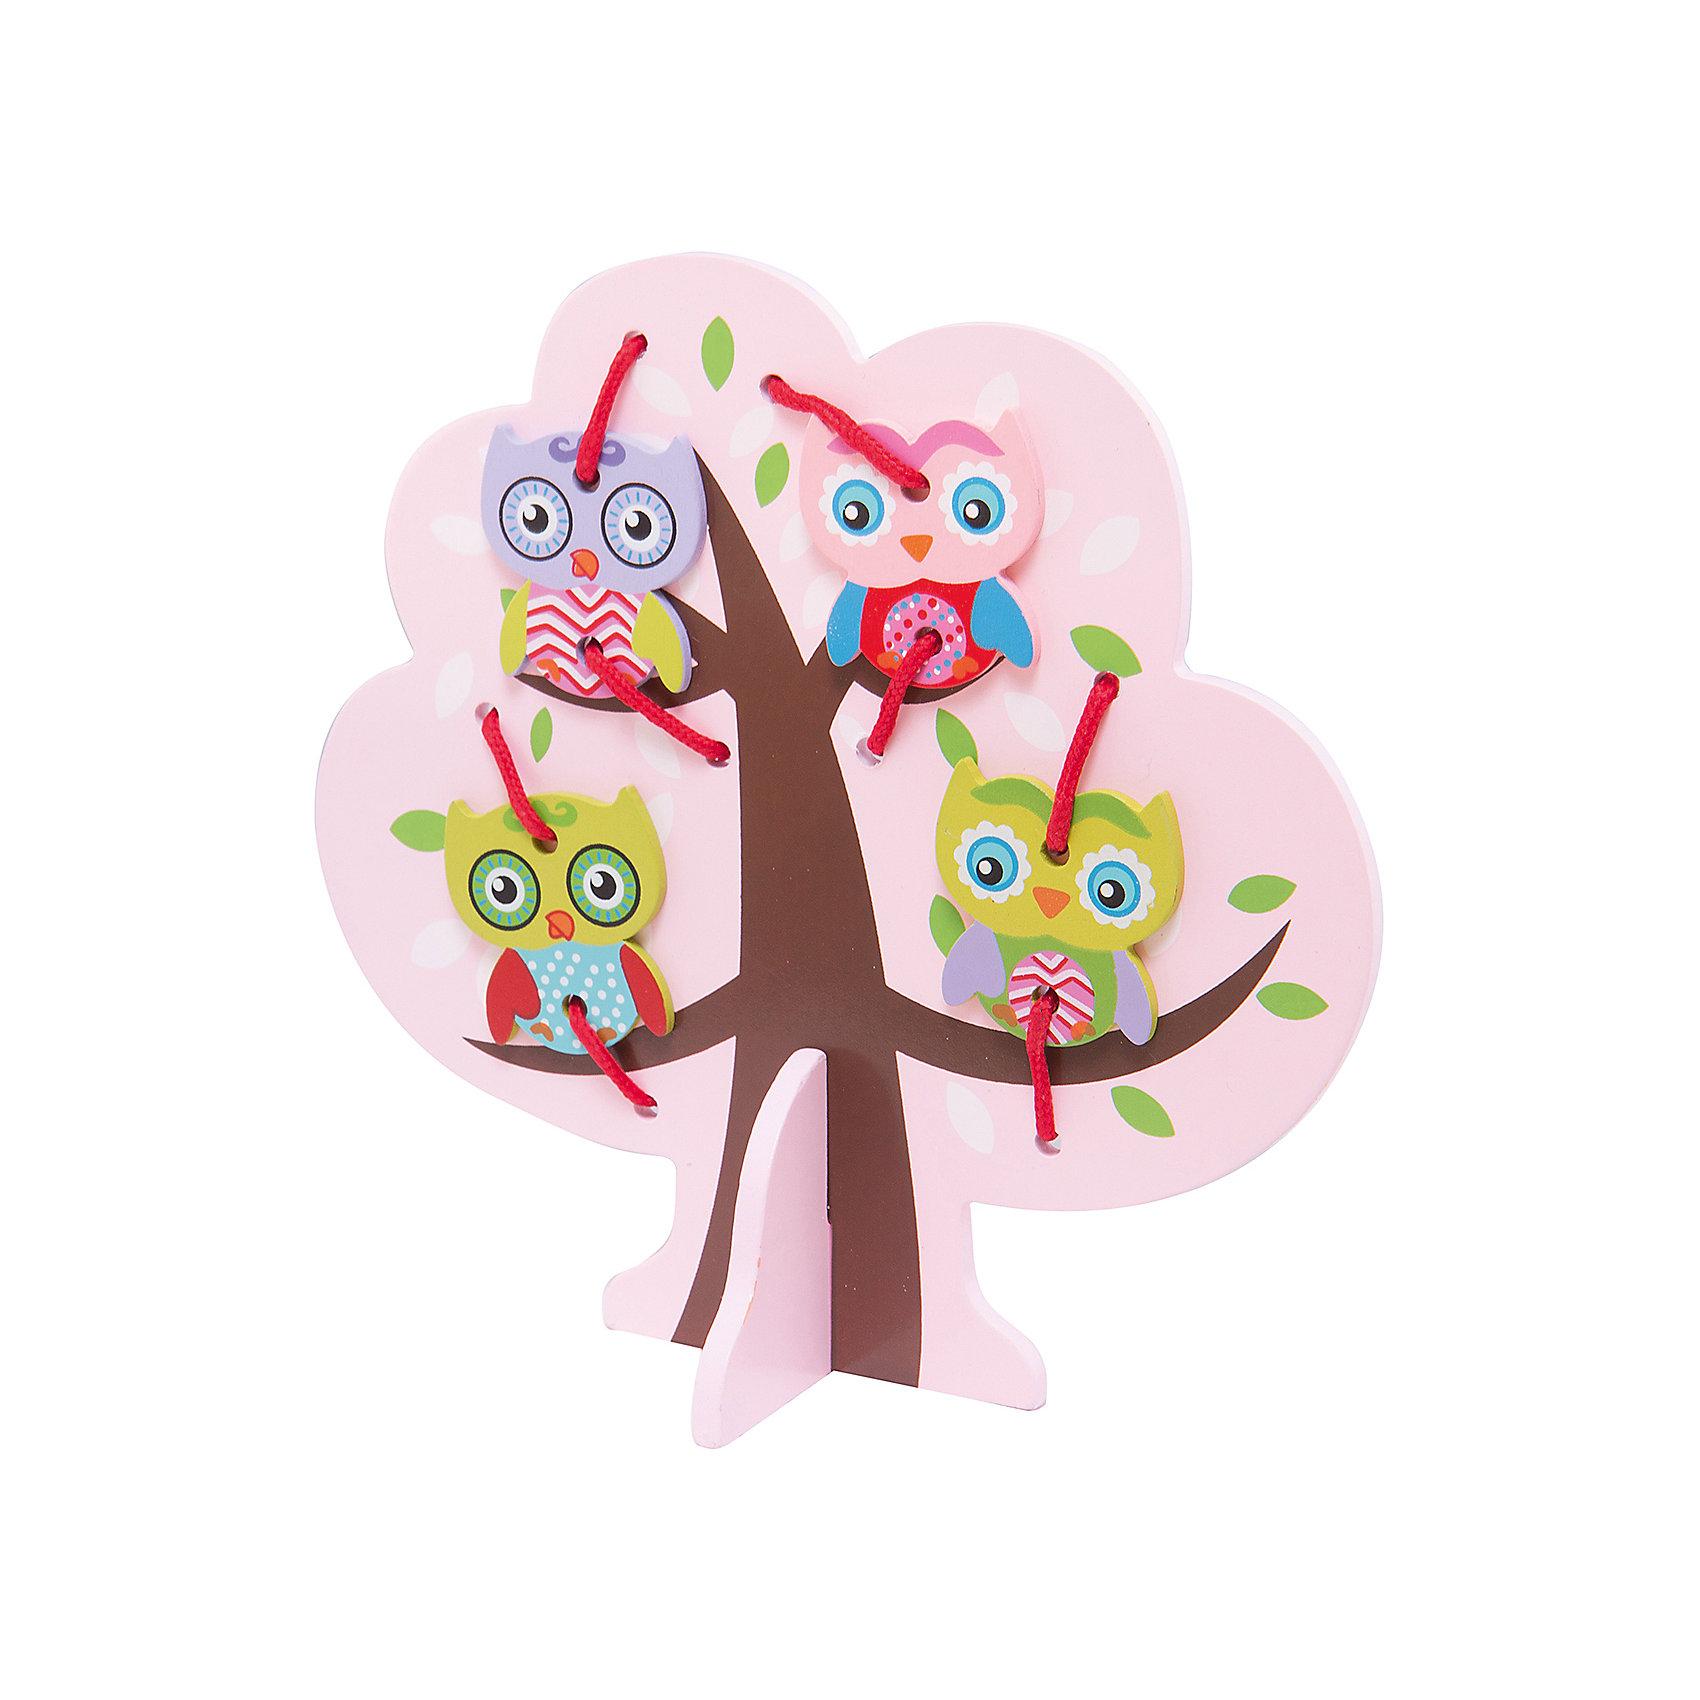 Шнуровка Дерево с совятами, MapachaРазвивающие игрушки<br>Шнуровки – вид развивающих игрушек, которые обучают ребенка практическим навыкам. Шнуровка научит обращаться со шнурками, завязывать узелки и бантики. Красивый дизайн игрушки, интересный рисунок, экологический материал, яркие цвета и стильный дизайн сделают модель любимой вещицей у малыша. Игрушка тренирует мелкую моторику, аккуратность, а так же тренирует логику и воображение. Материалы, использованные при изготовлении товара, абсолютно безопасны и отвечают всем международным требованиям по качеству.<br><br>Дополнительные характеристики:<br><br>материал: натуральное дерево, текстиль;<br>цвет: разноцветный;<br>габариты: 20 X 1 X 25 см.<br><br>Шнуровку  Дерево с совятами от компании Mapacha можно приобрести в нашем магазине.<br><br>Ширина мм: 400<br>Глубина мм: 405<br>Высота мм: 220<br>Вес г: 148<br>Возраст от месяцев: 36<br>Возраст до месяцев: 84<br>Пол: Унисекс<br>Возраст: Детский<br>SKU: 5032502